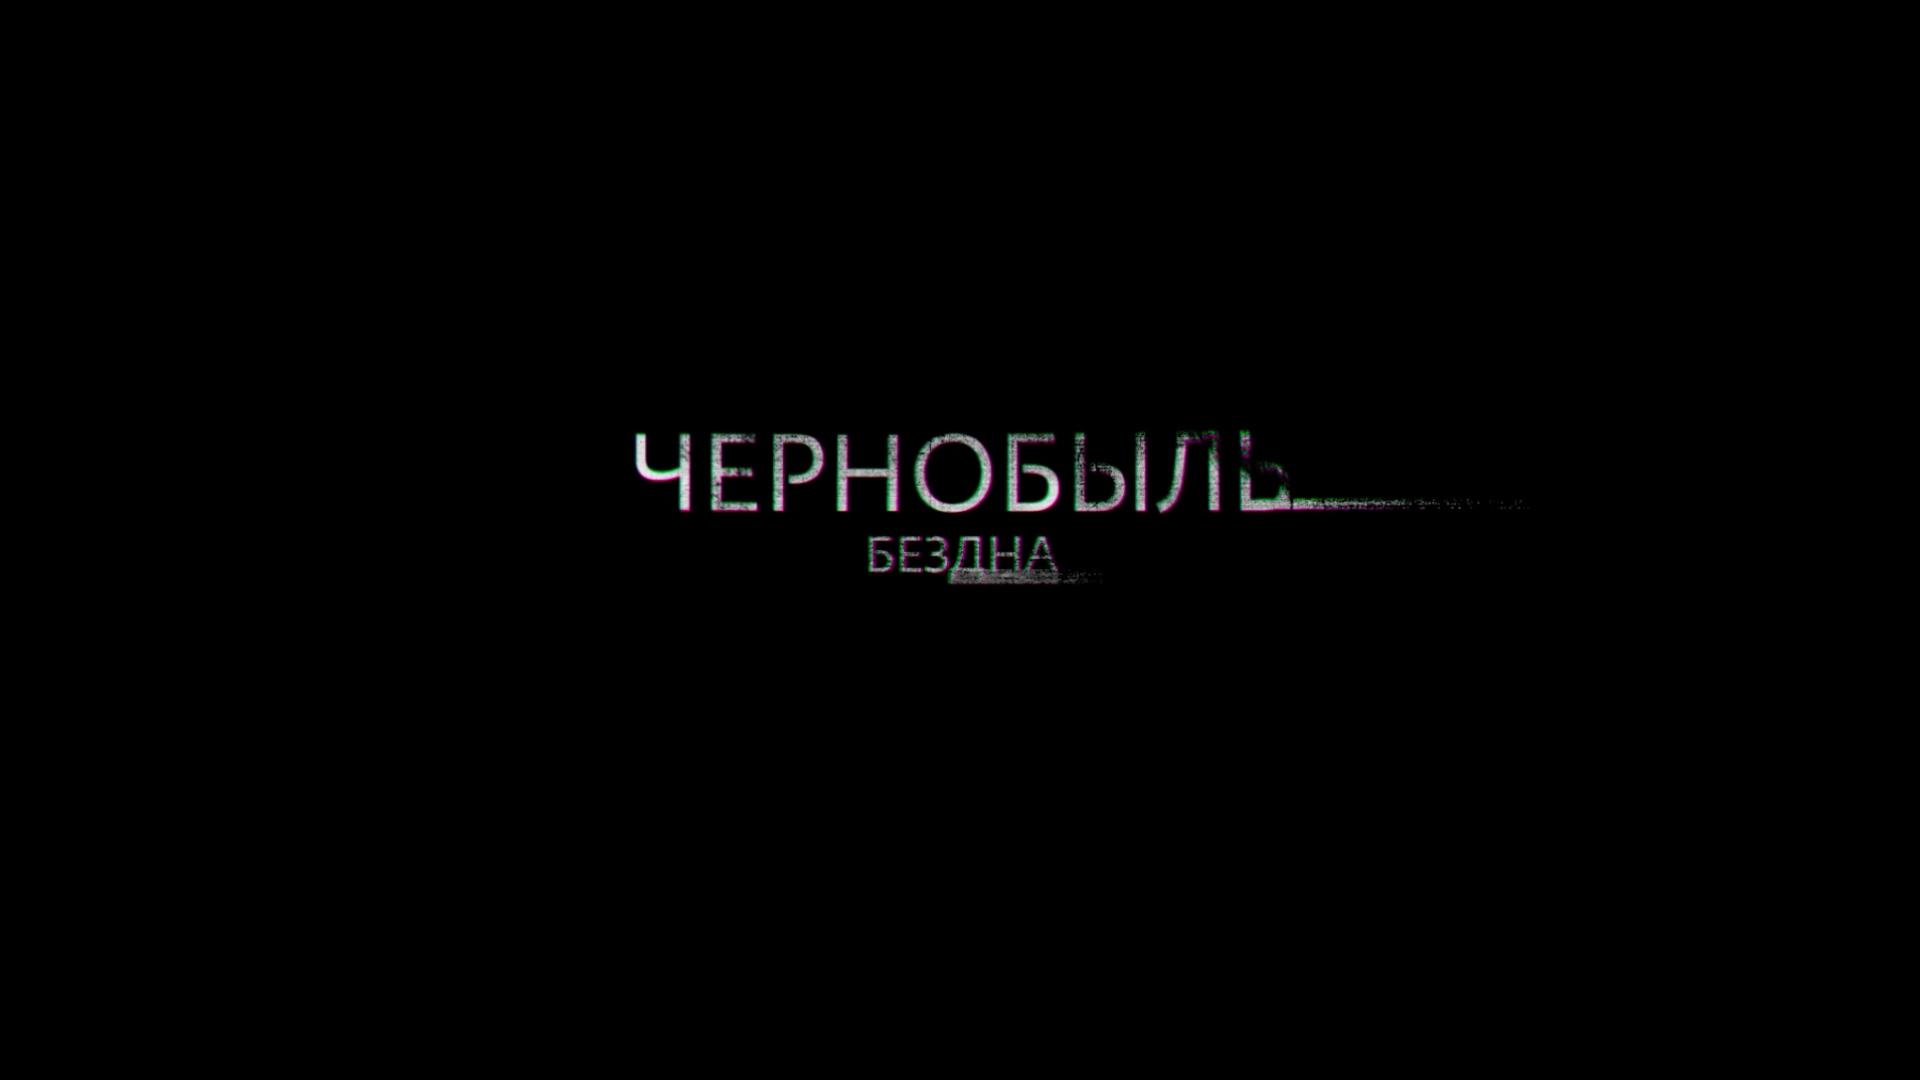 Вышел трейлер российского фильма «Чернобыль: Бездна»